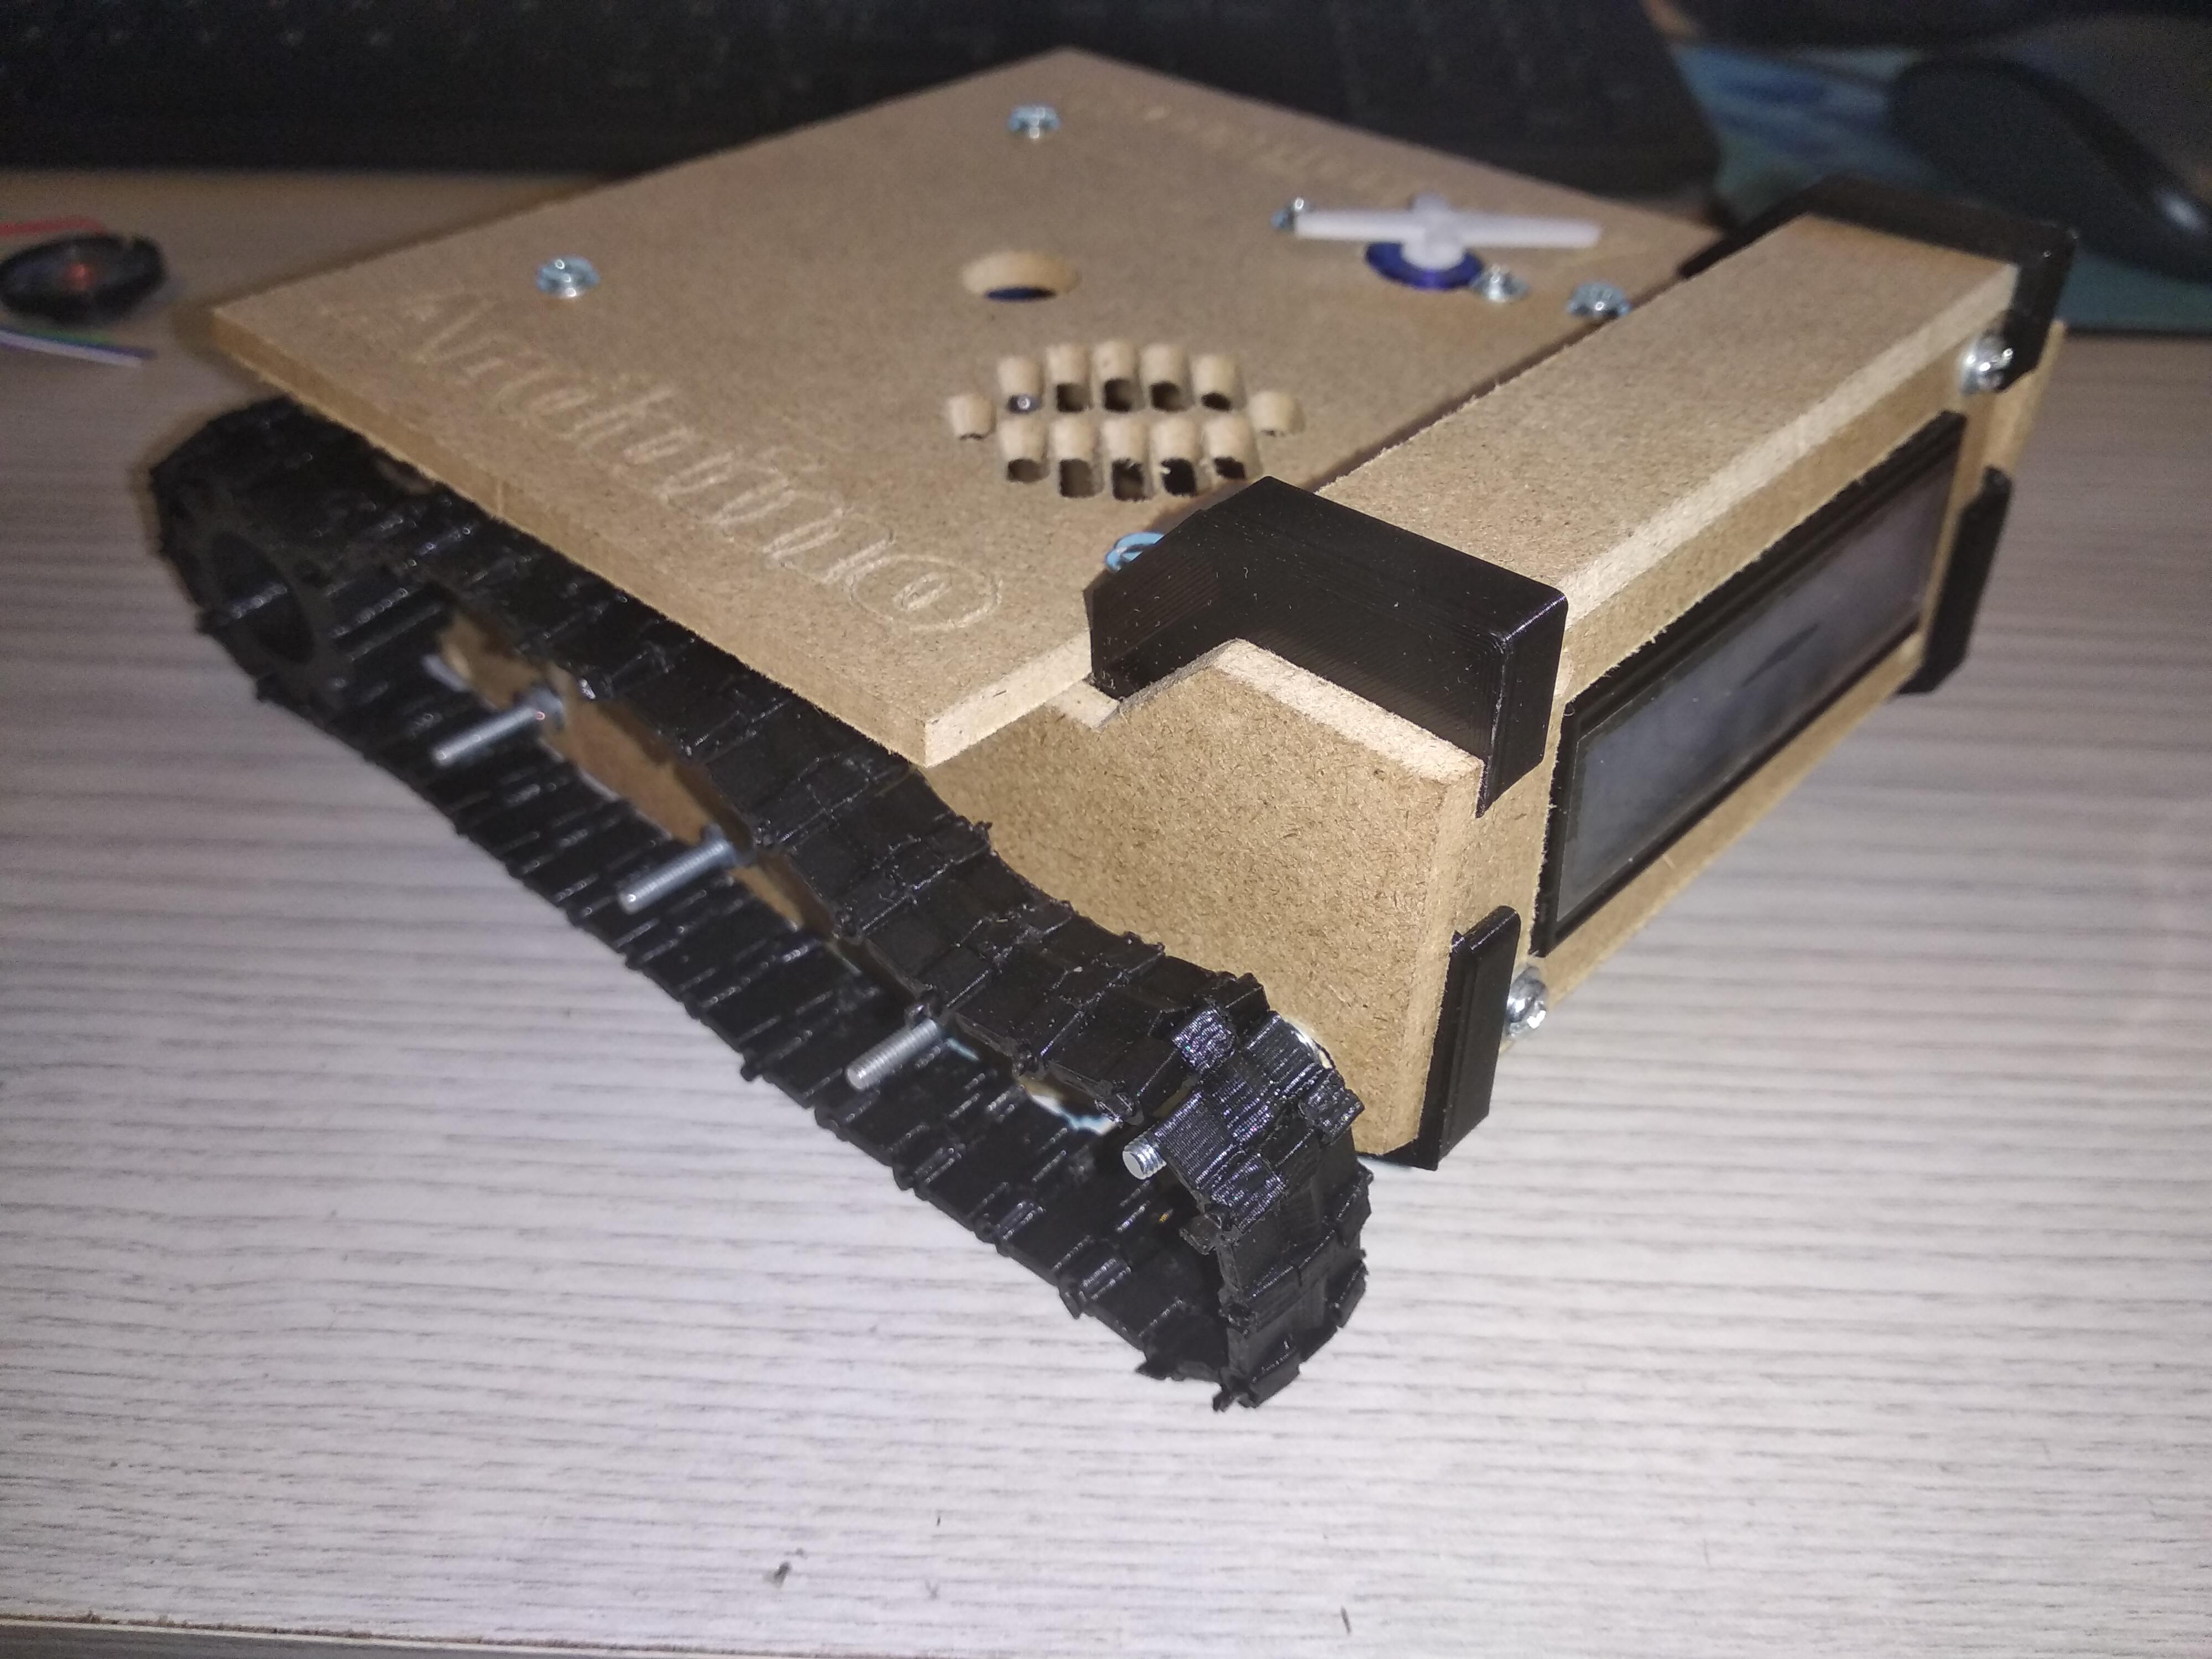 Planche principale du dessus de la base du tank fixée, tank de côté/derrière